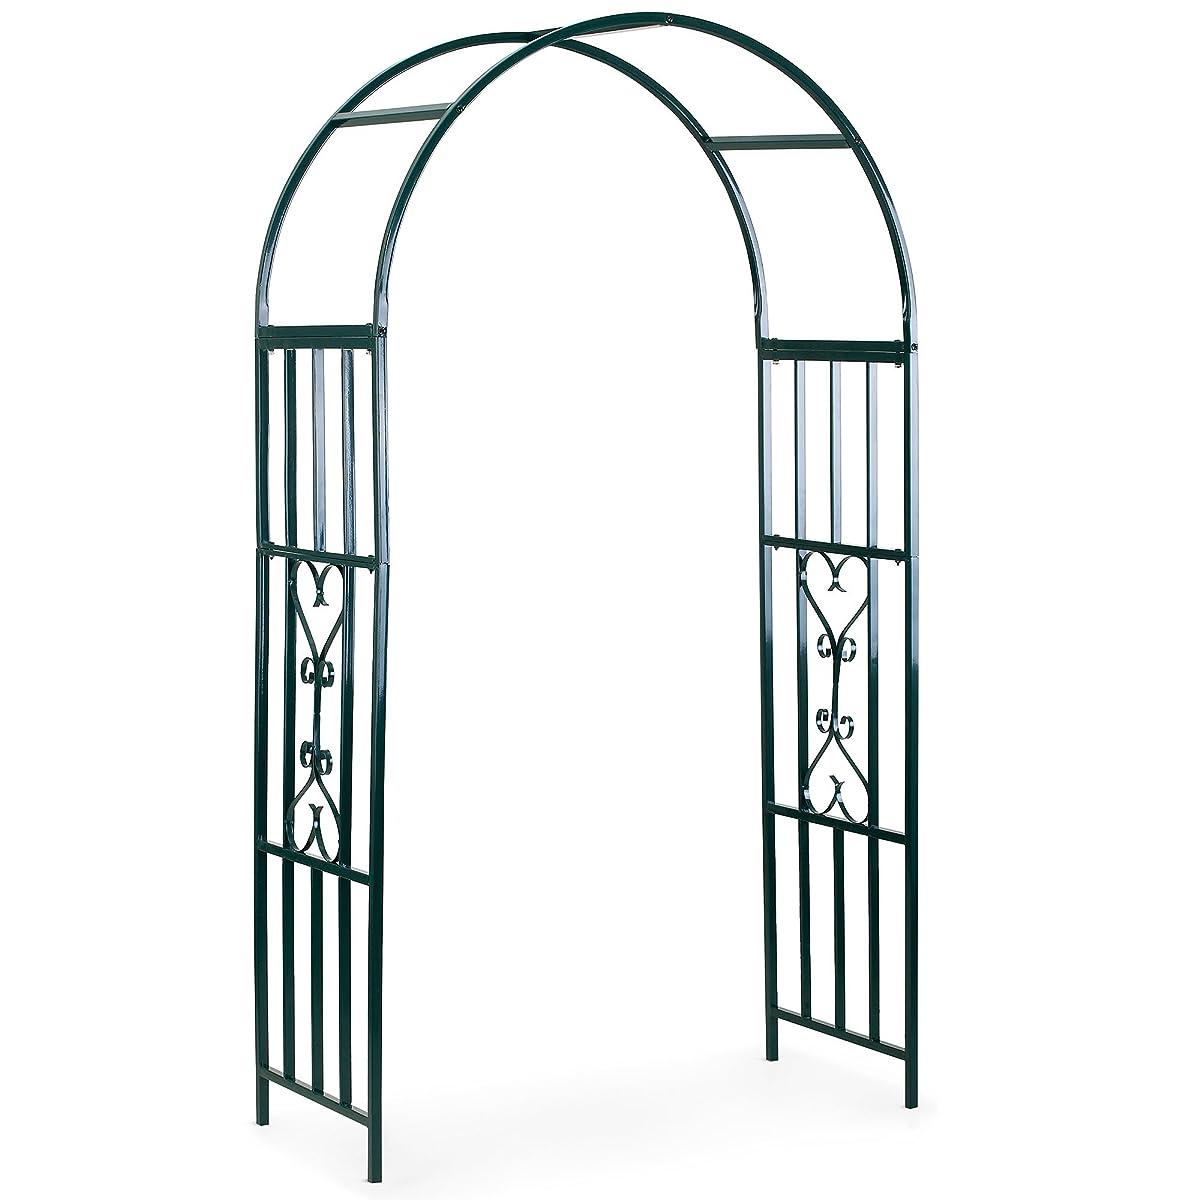 VonHaus Dark Green Metal Garden Arbor Trellis Arch Arbour for Gardening, Weddings, Gate and Plant Decoration